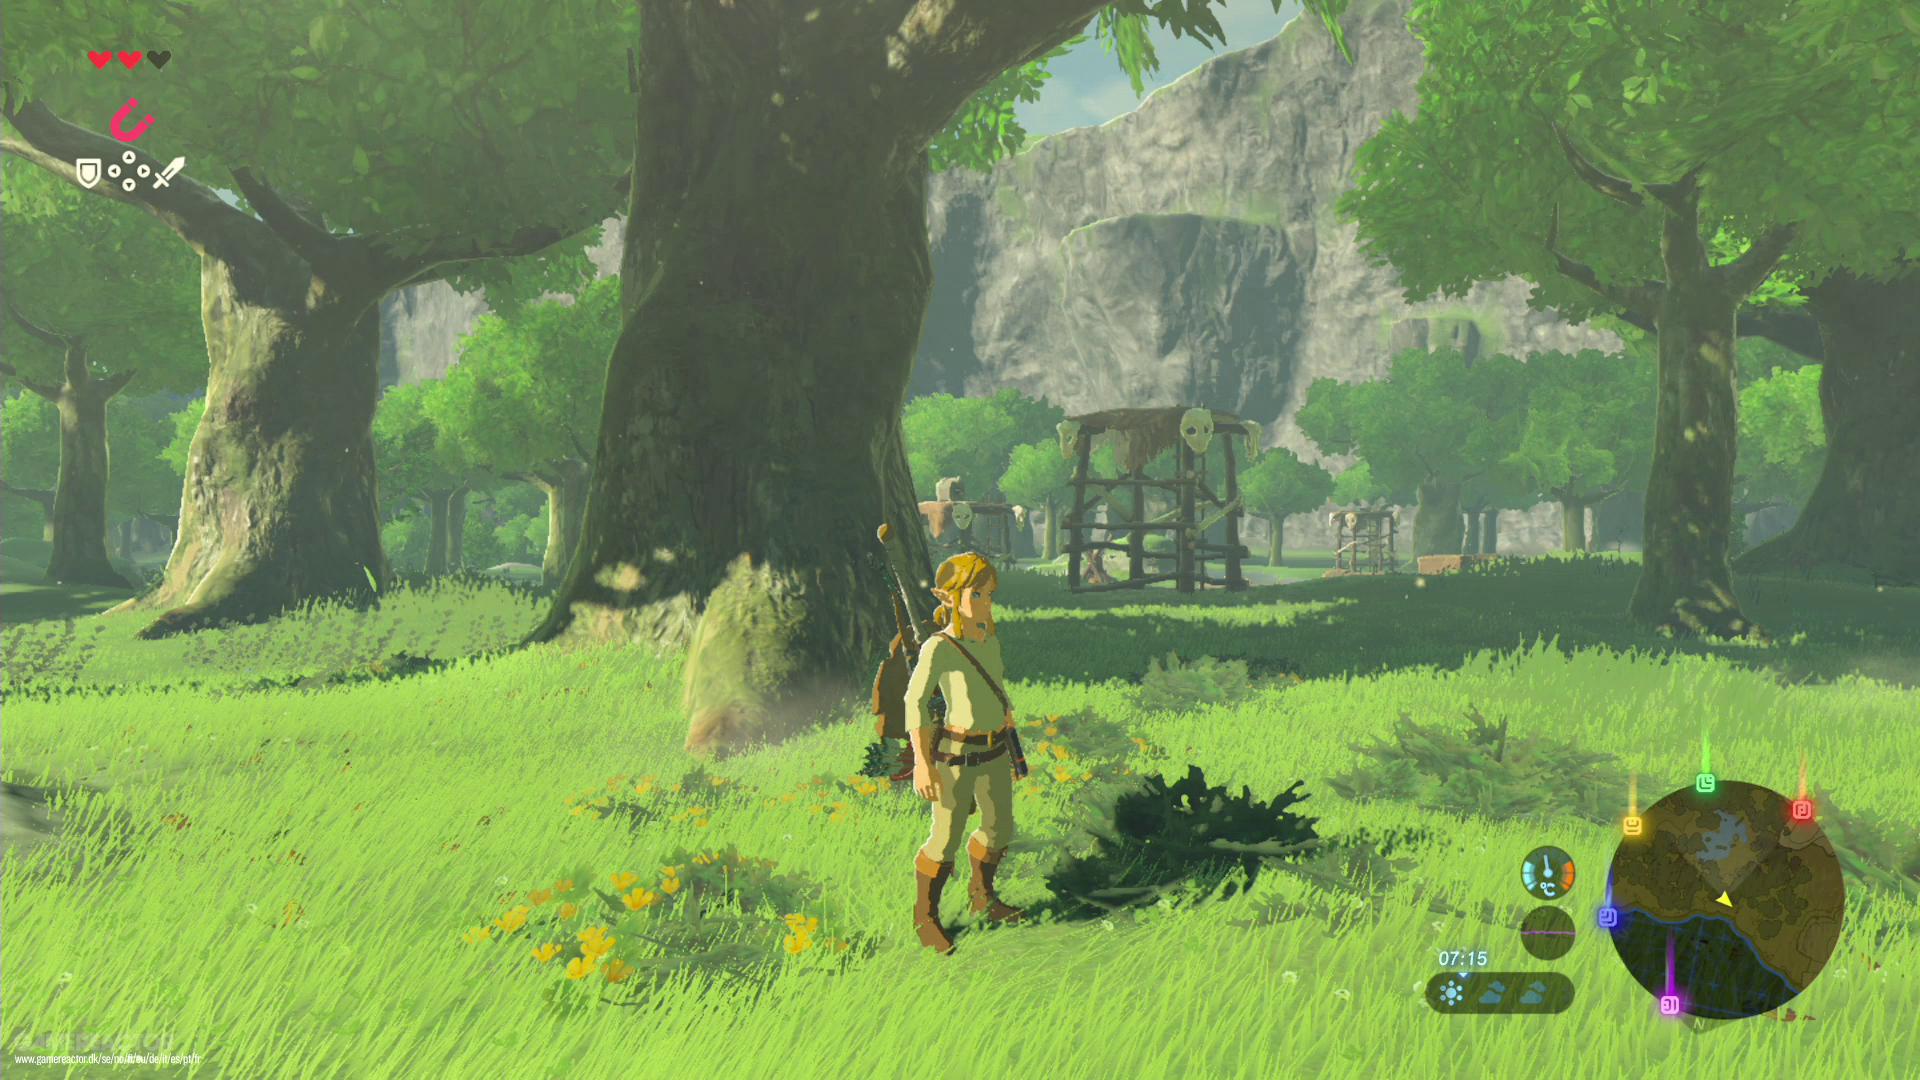 Länk och Zelda krok upp